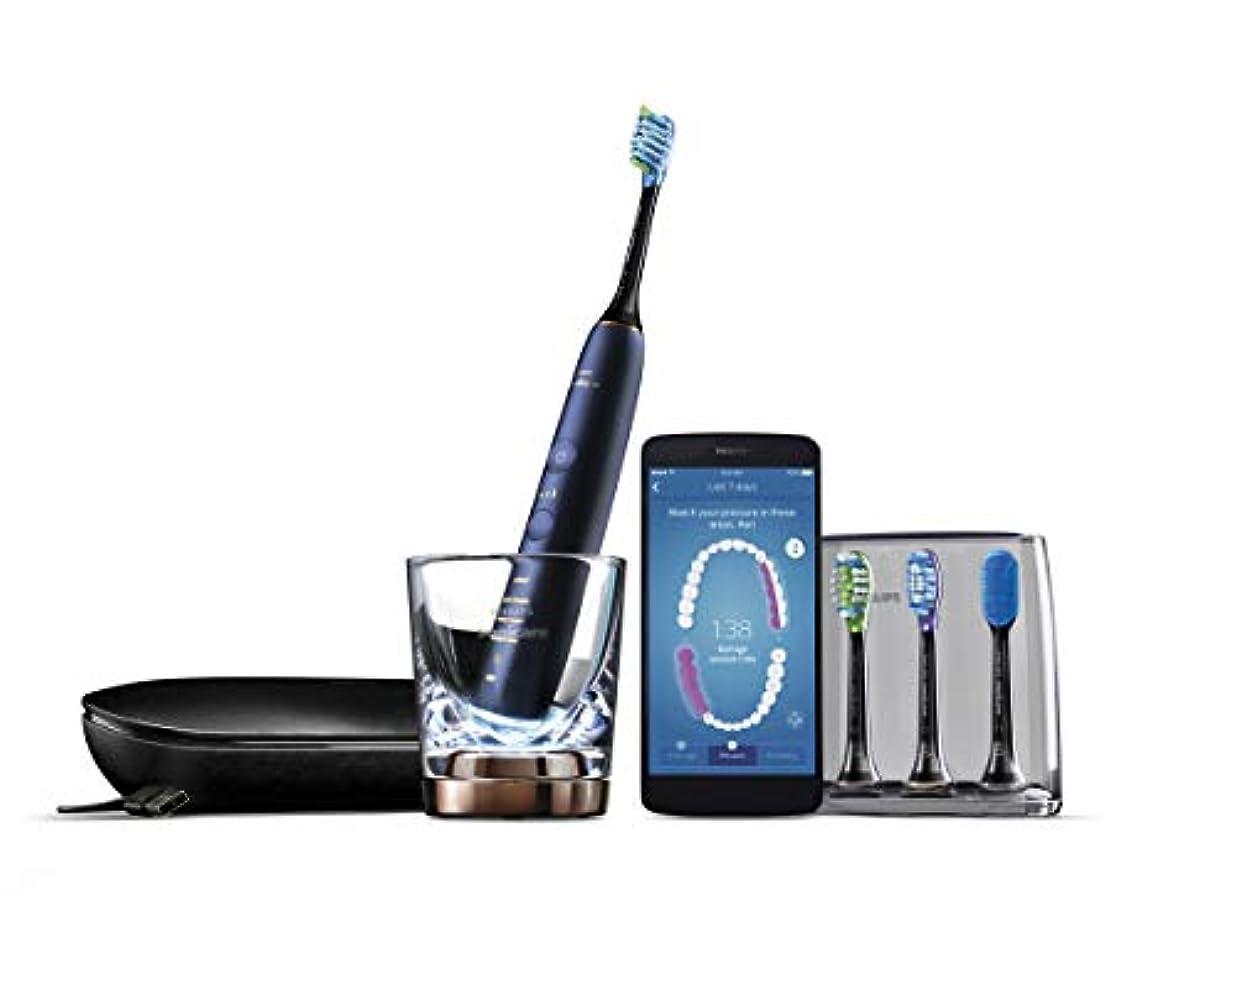 宣言トーンポンプフィリップス ソニッケアー ダイヤモンドクリーン スマート 電動歯ブラシ ルナーブルー HX9964/55